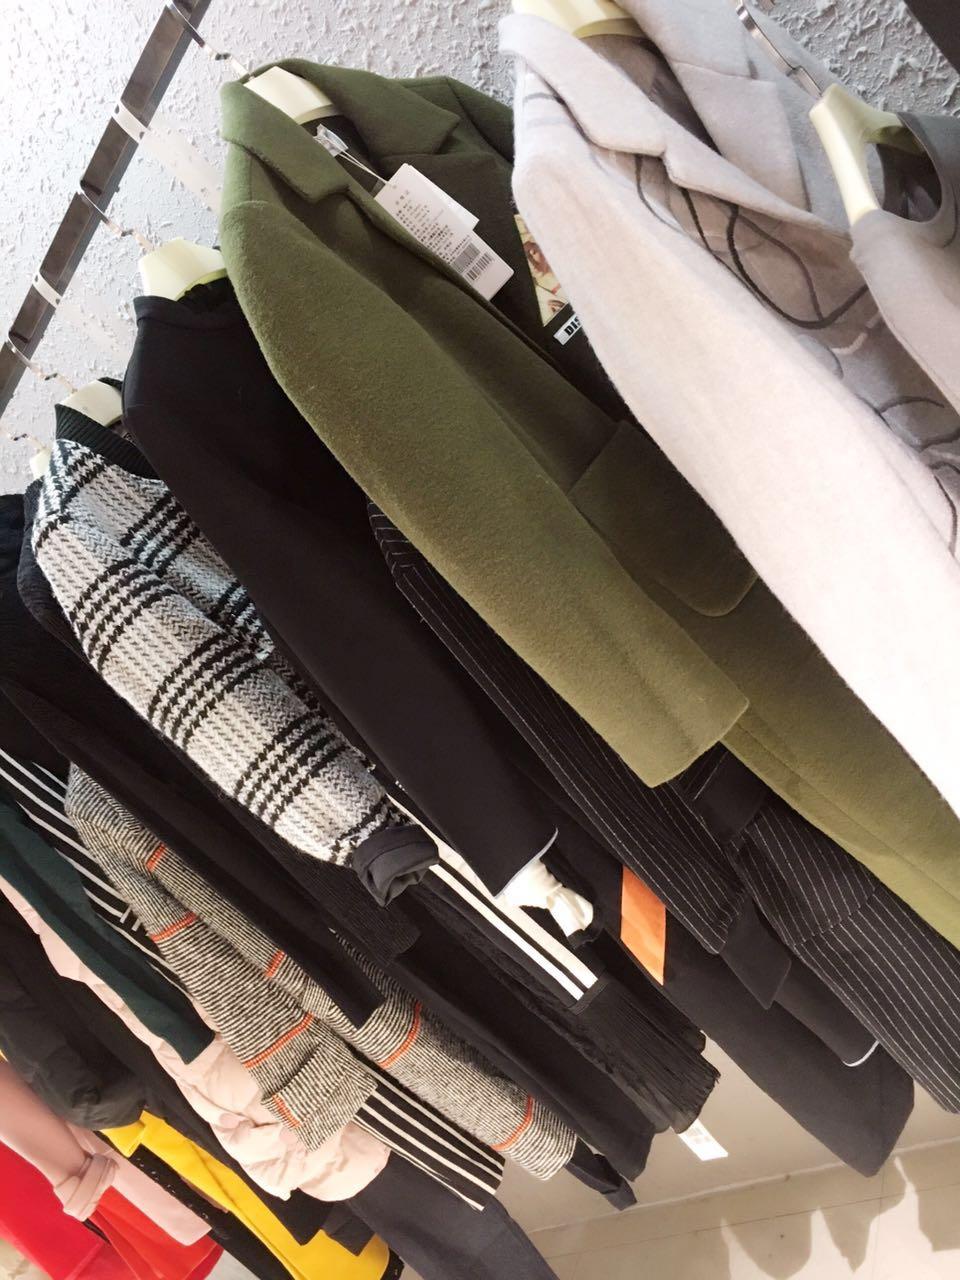 杭州玛斯荻娃女装是几线品牌 玛斯荻娃女装